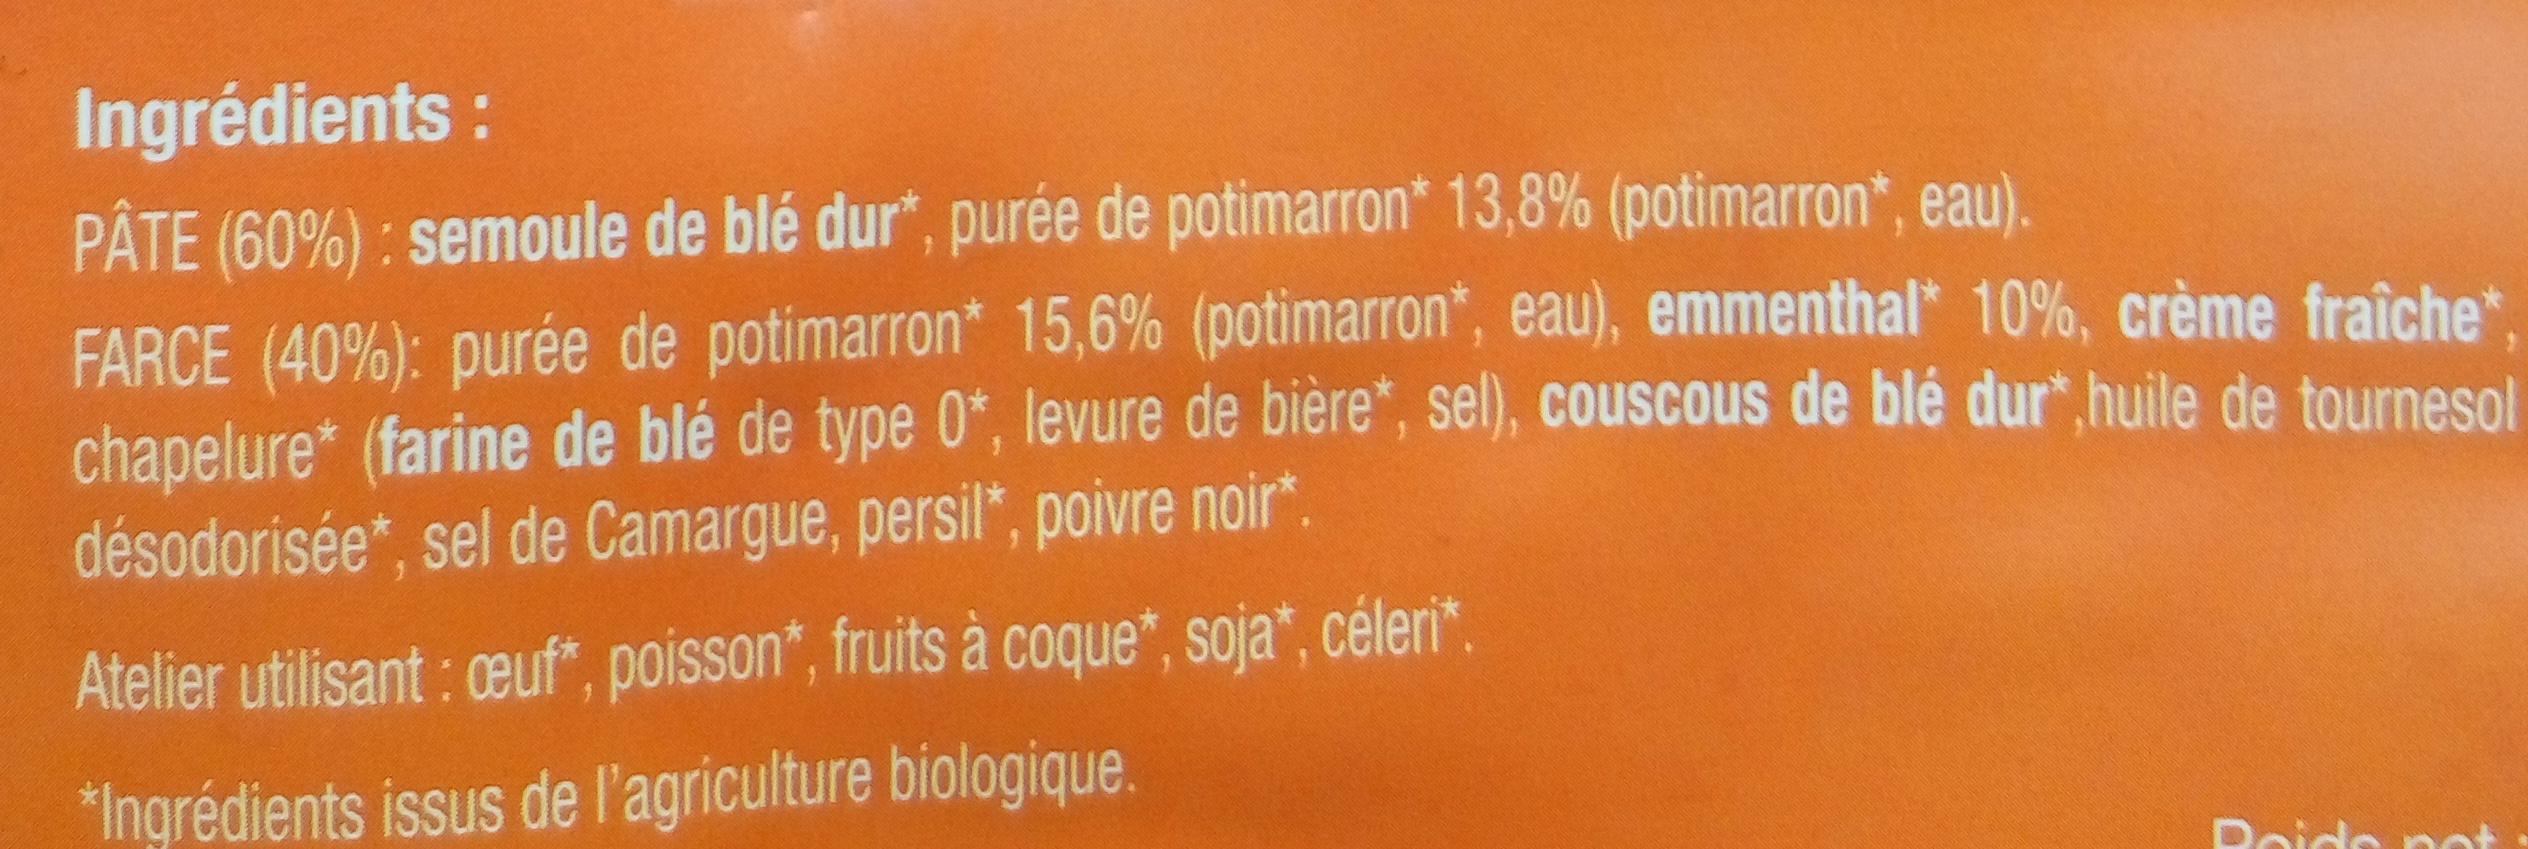 Ravioli Potimarron Emmenthal - Ingrédients - fr